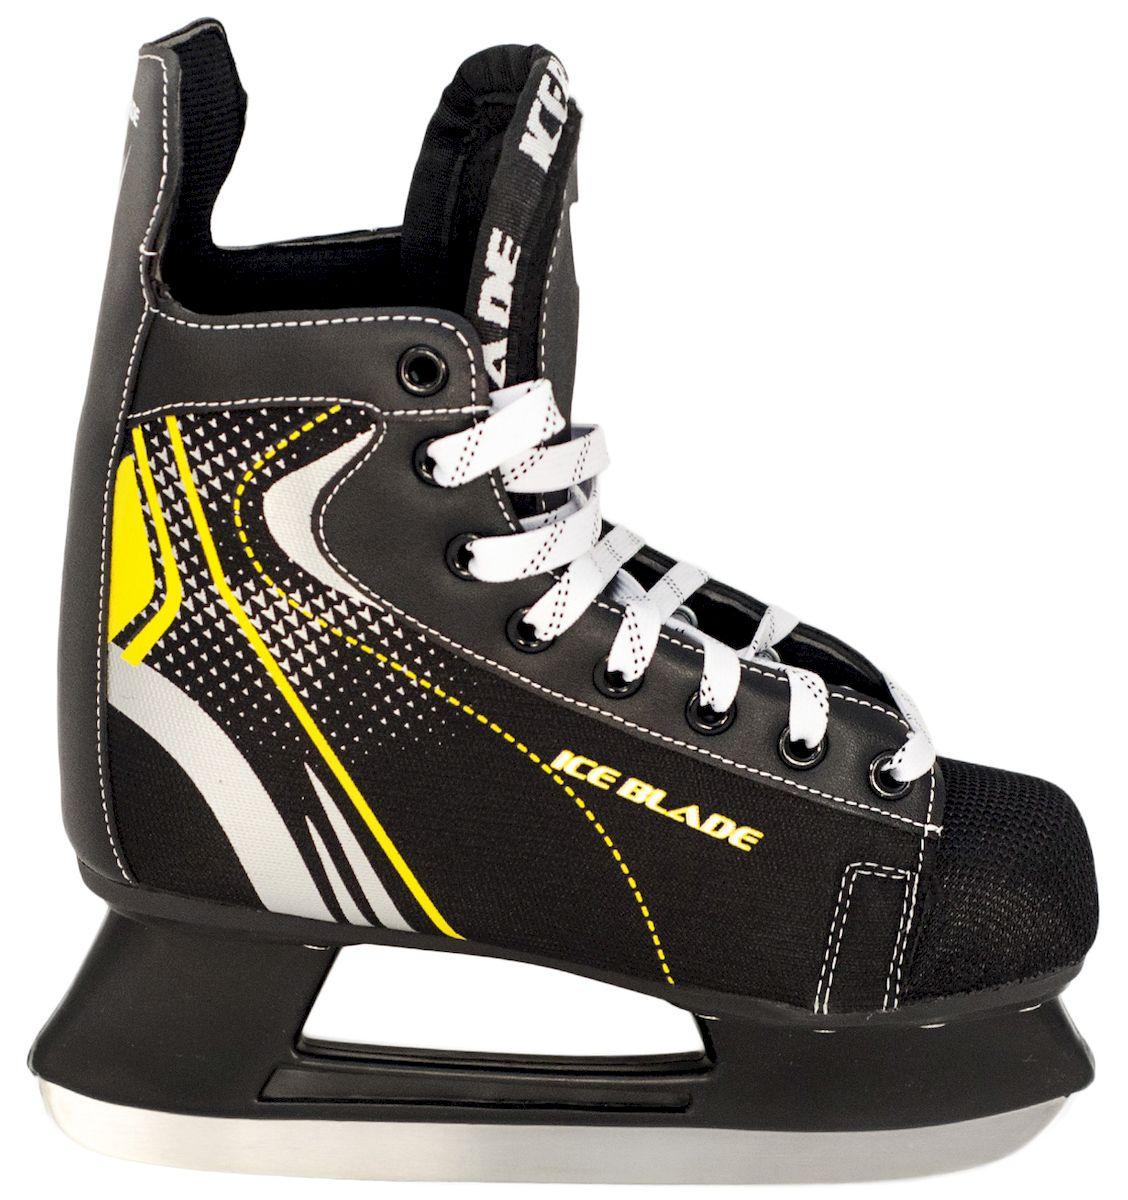 Коньки хоккейные Ice Blade Shark, цвет: черный, желтый. УТ-00006841. Размер 46УТ-00006841Коньки хоккейные Shark имеют модный яркий дизайн, поэтому данная модель очень популярна у любителей хоккея.Ботинок выполнен из искусственной кожи, высокопрочной нейлоновой ткани и ударостойкого пластика. Лезвие изготовлено из высокоуглеродистой стали с покрытием из никеля, что гарантирует прочность и долговечность. В качестве внутренней отделки используется вельветин с утеплителем. Коньки поставляются с заводской заточкой лезвия, что позволяет сразу приступить к катанию, не тратя время и денег на заточку. Коньки подходят для использования на открытом и закрытом льду.Удобная система фиксации ноги и улучшенная колодка сделают катание комфортным и безопасным.